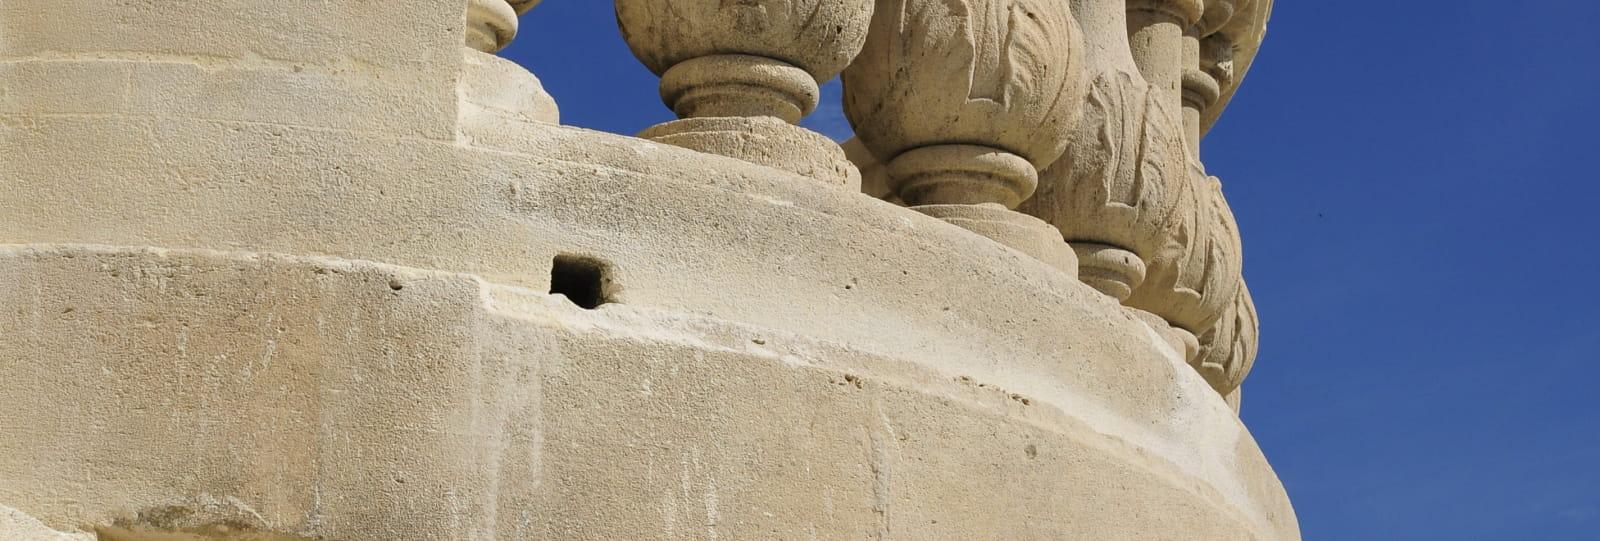 Balcon château - Pays de Grignan - Enclave des Papes à la carte